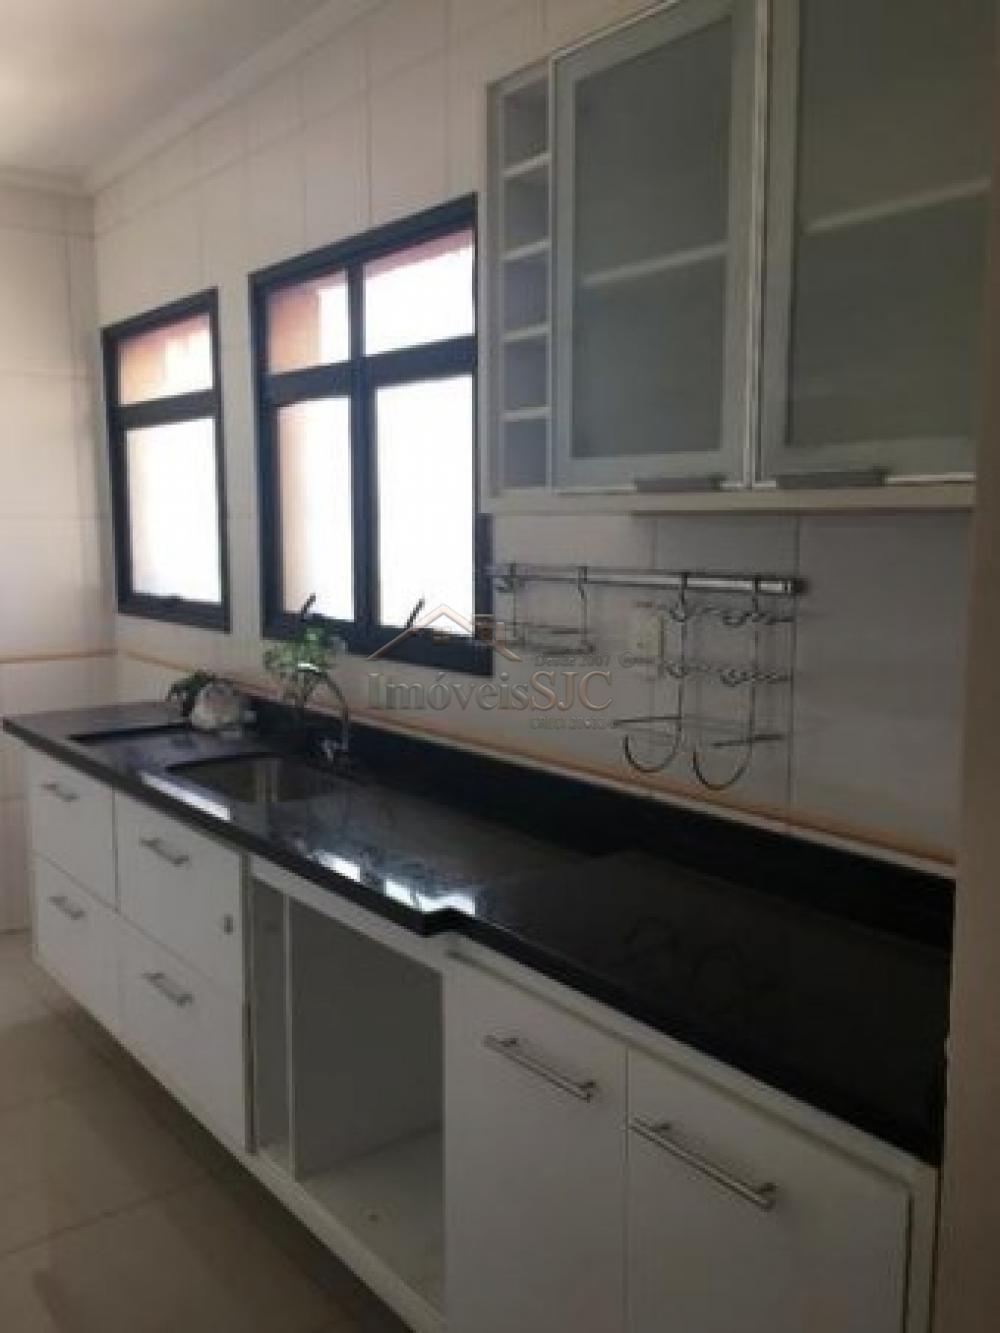 Alugar Apartamentos / Cobertura em São José dos Campos apenas R$ 1.700,00 - Foto 4